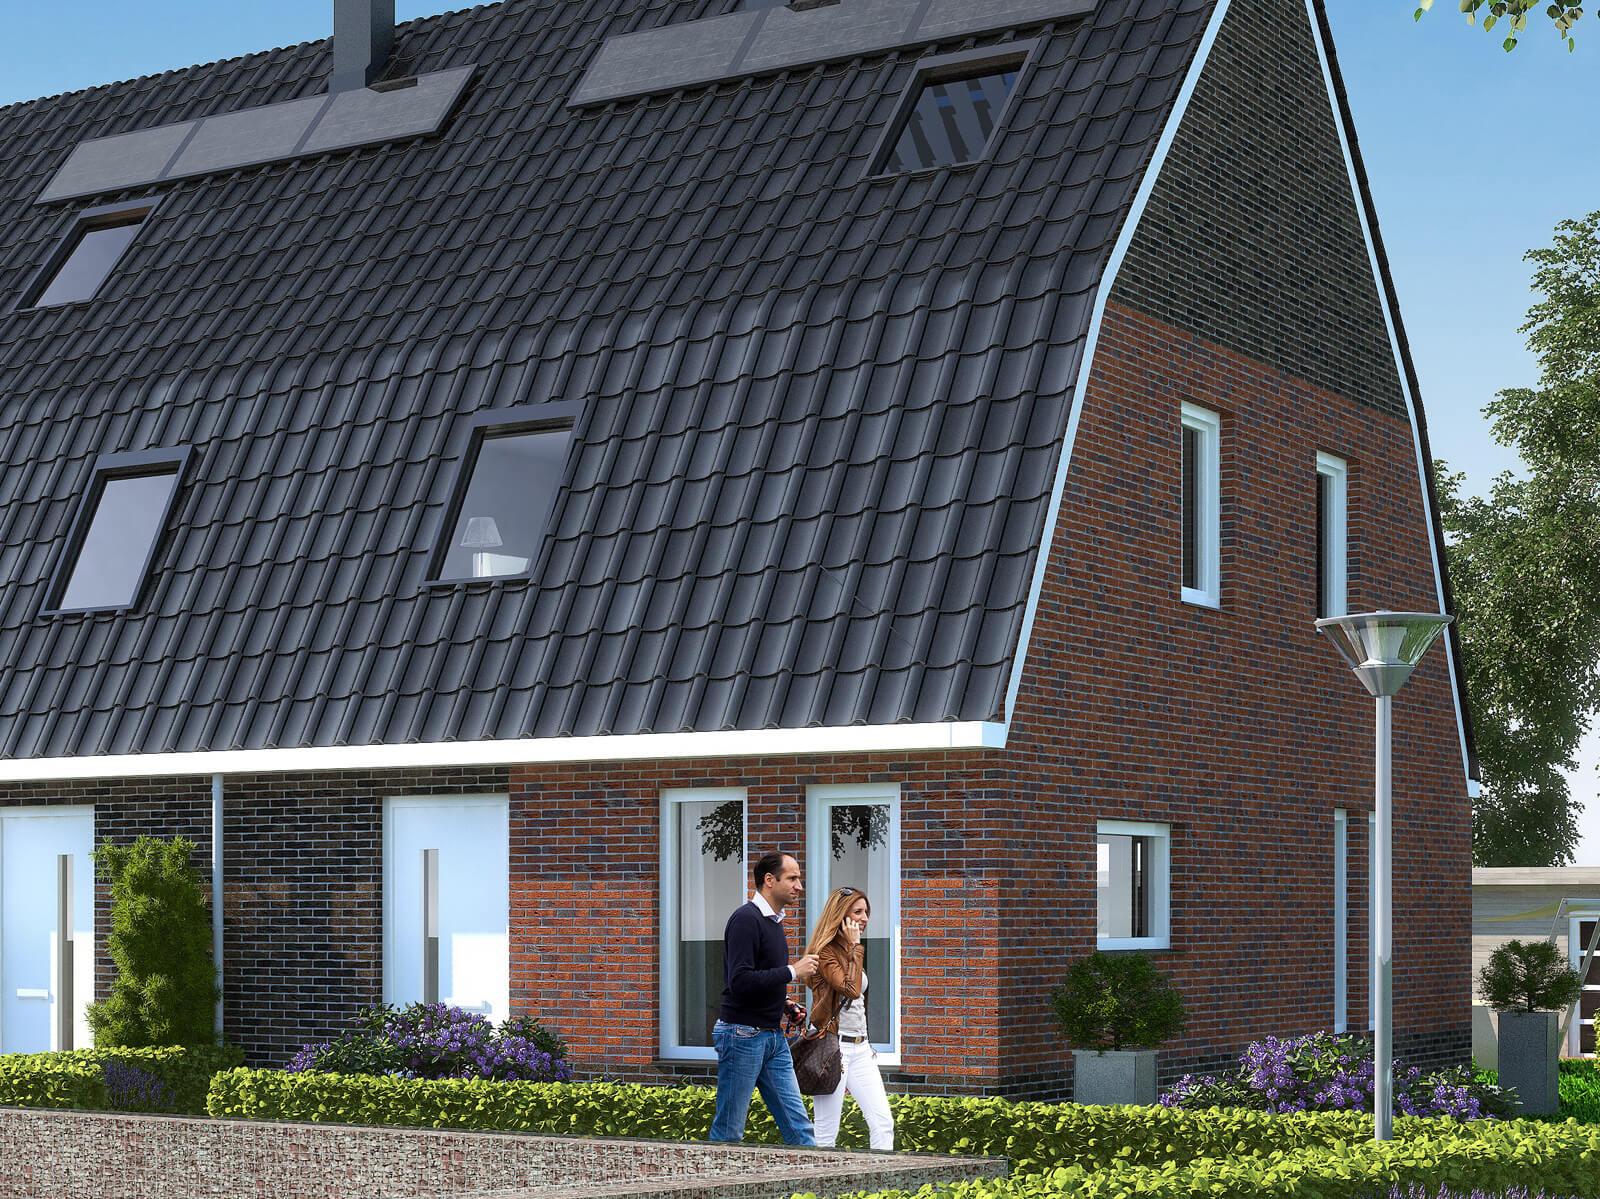 Project Smalwolde in Annen